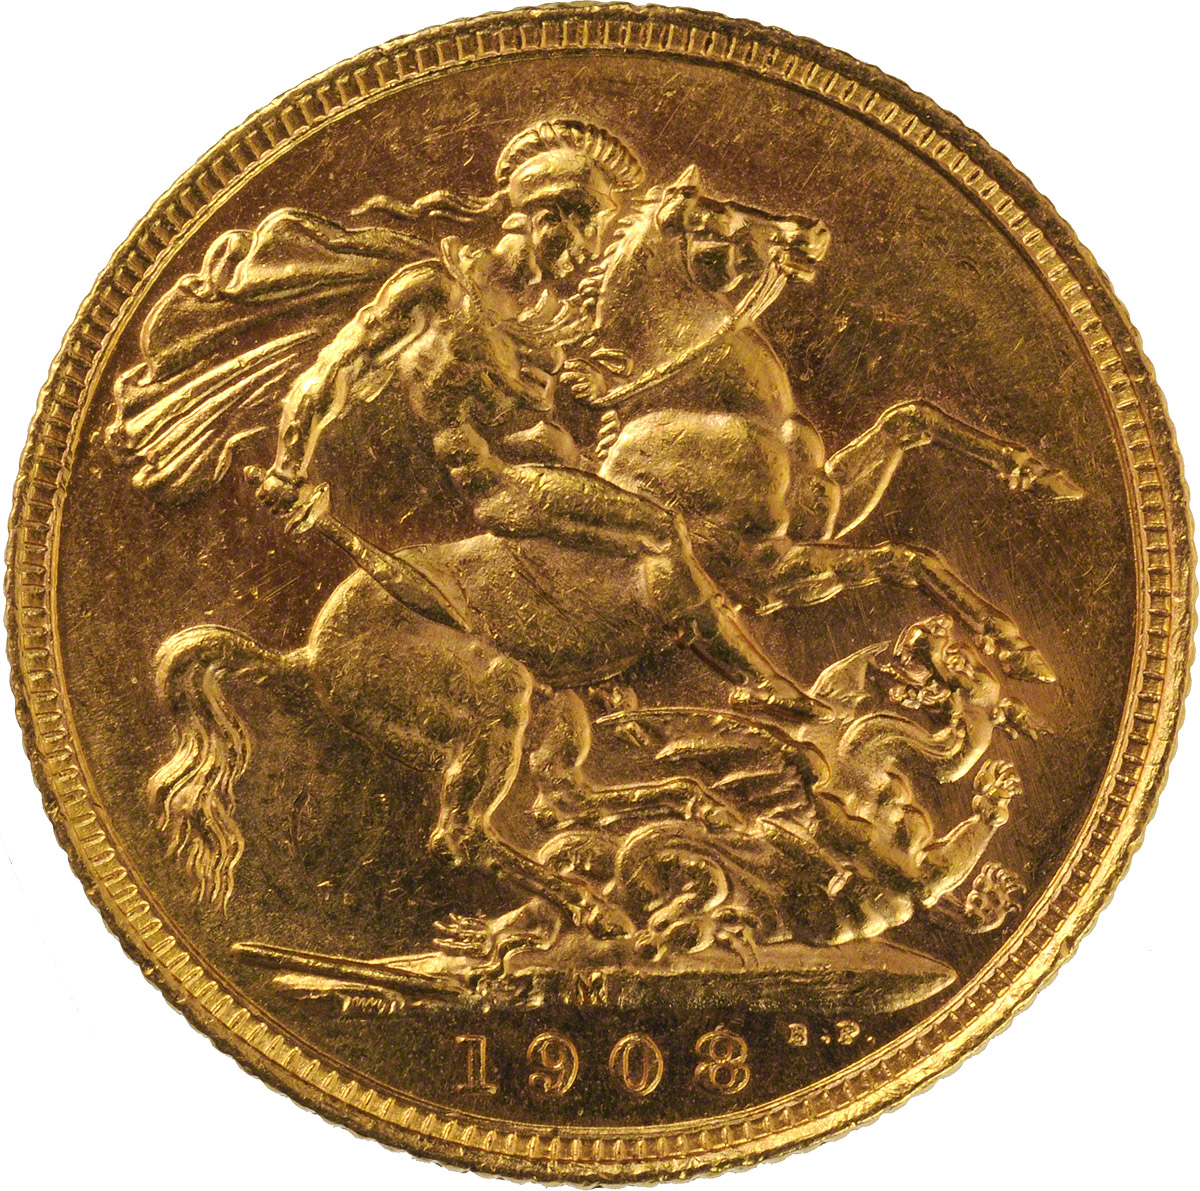 1908 Εδουάρδος Ζ' (Νομισματοκοπείο Μελβούρνης)